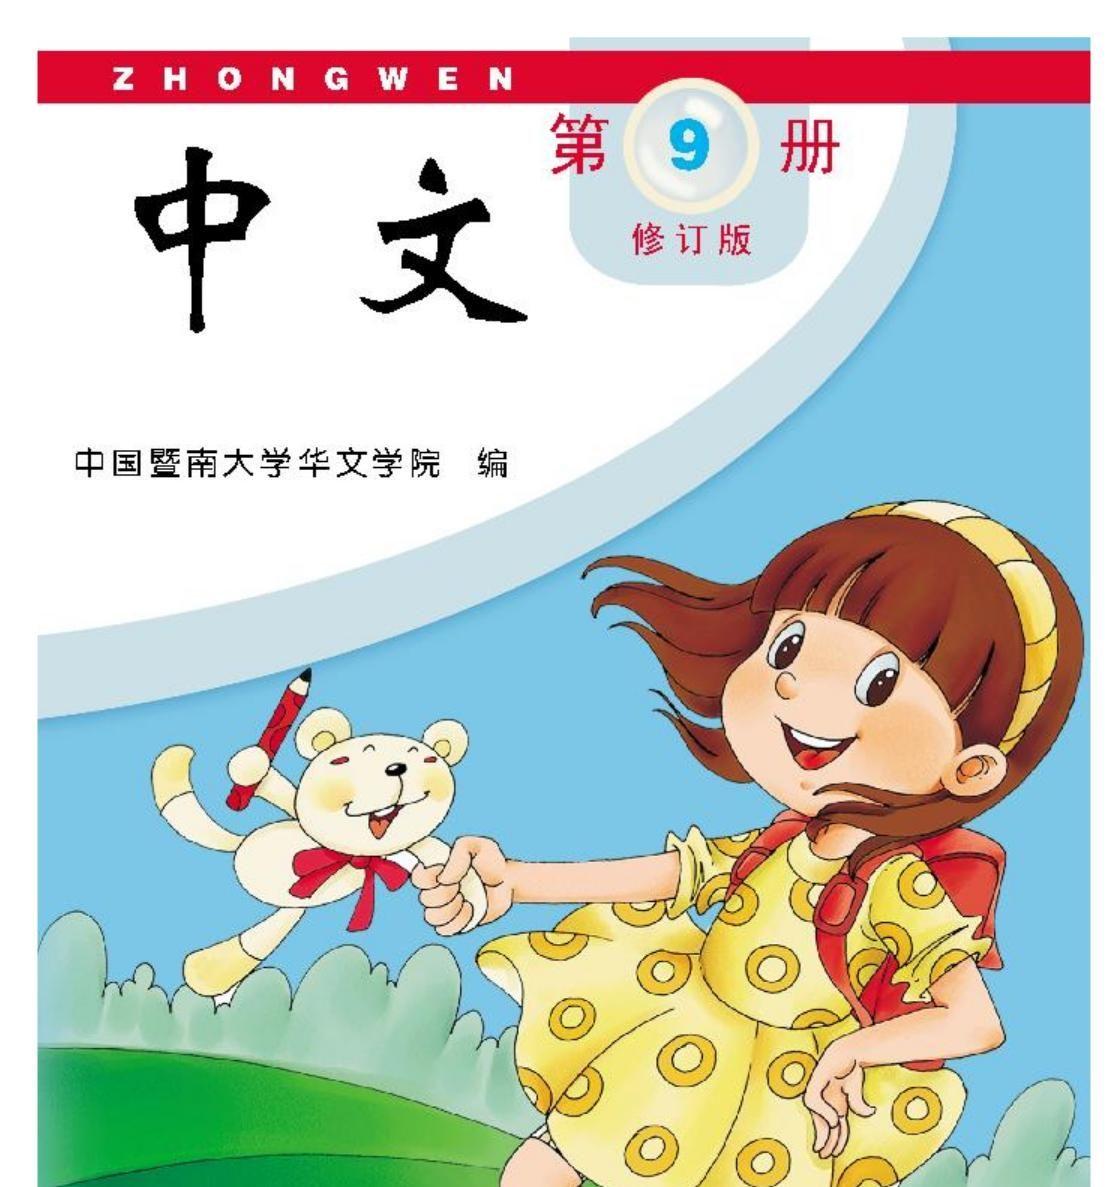 中文九年级 9th Grade Chinese